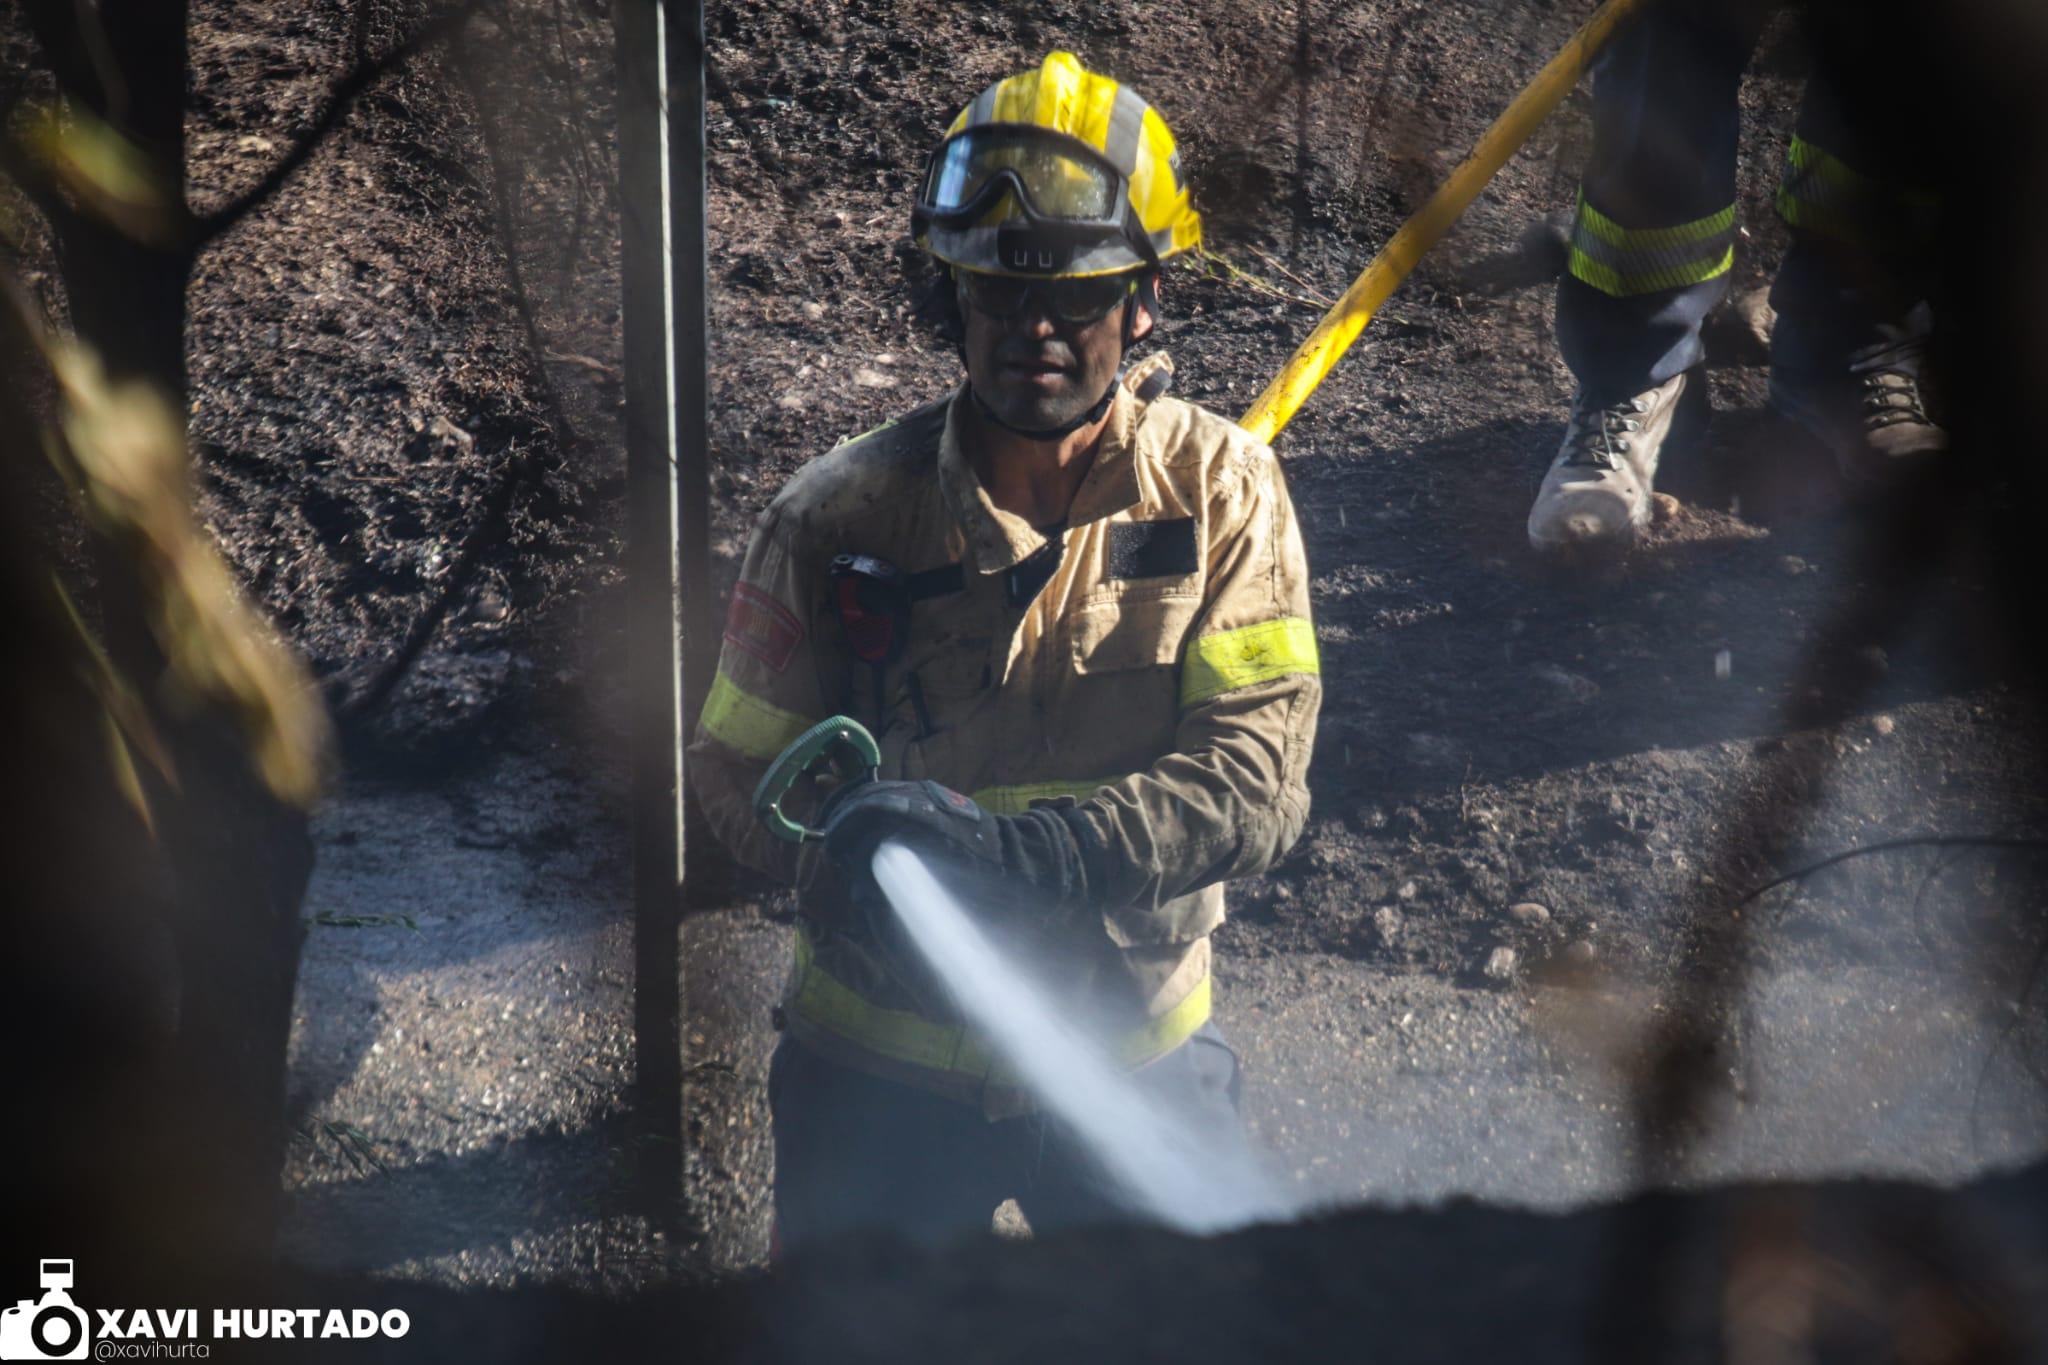 Incendi a tocar del parc de la Cogullada de Terrassa | Xavi Hurtado